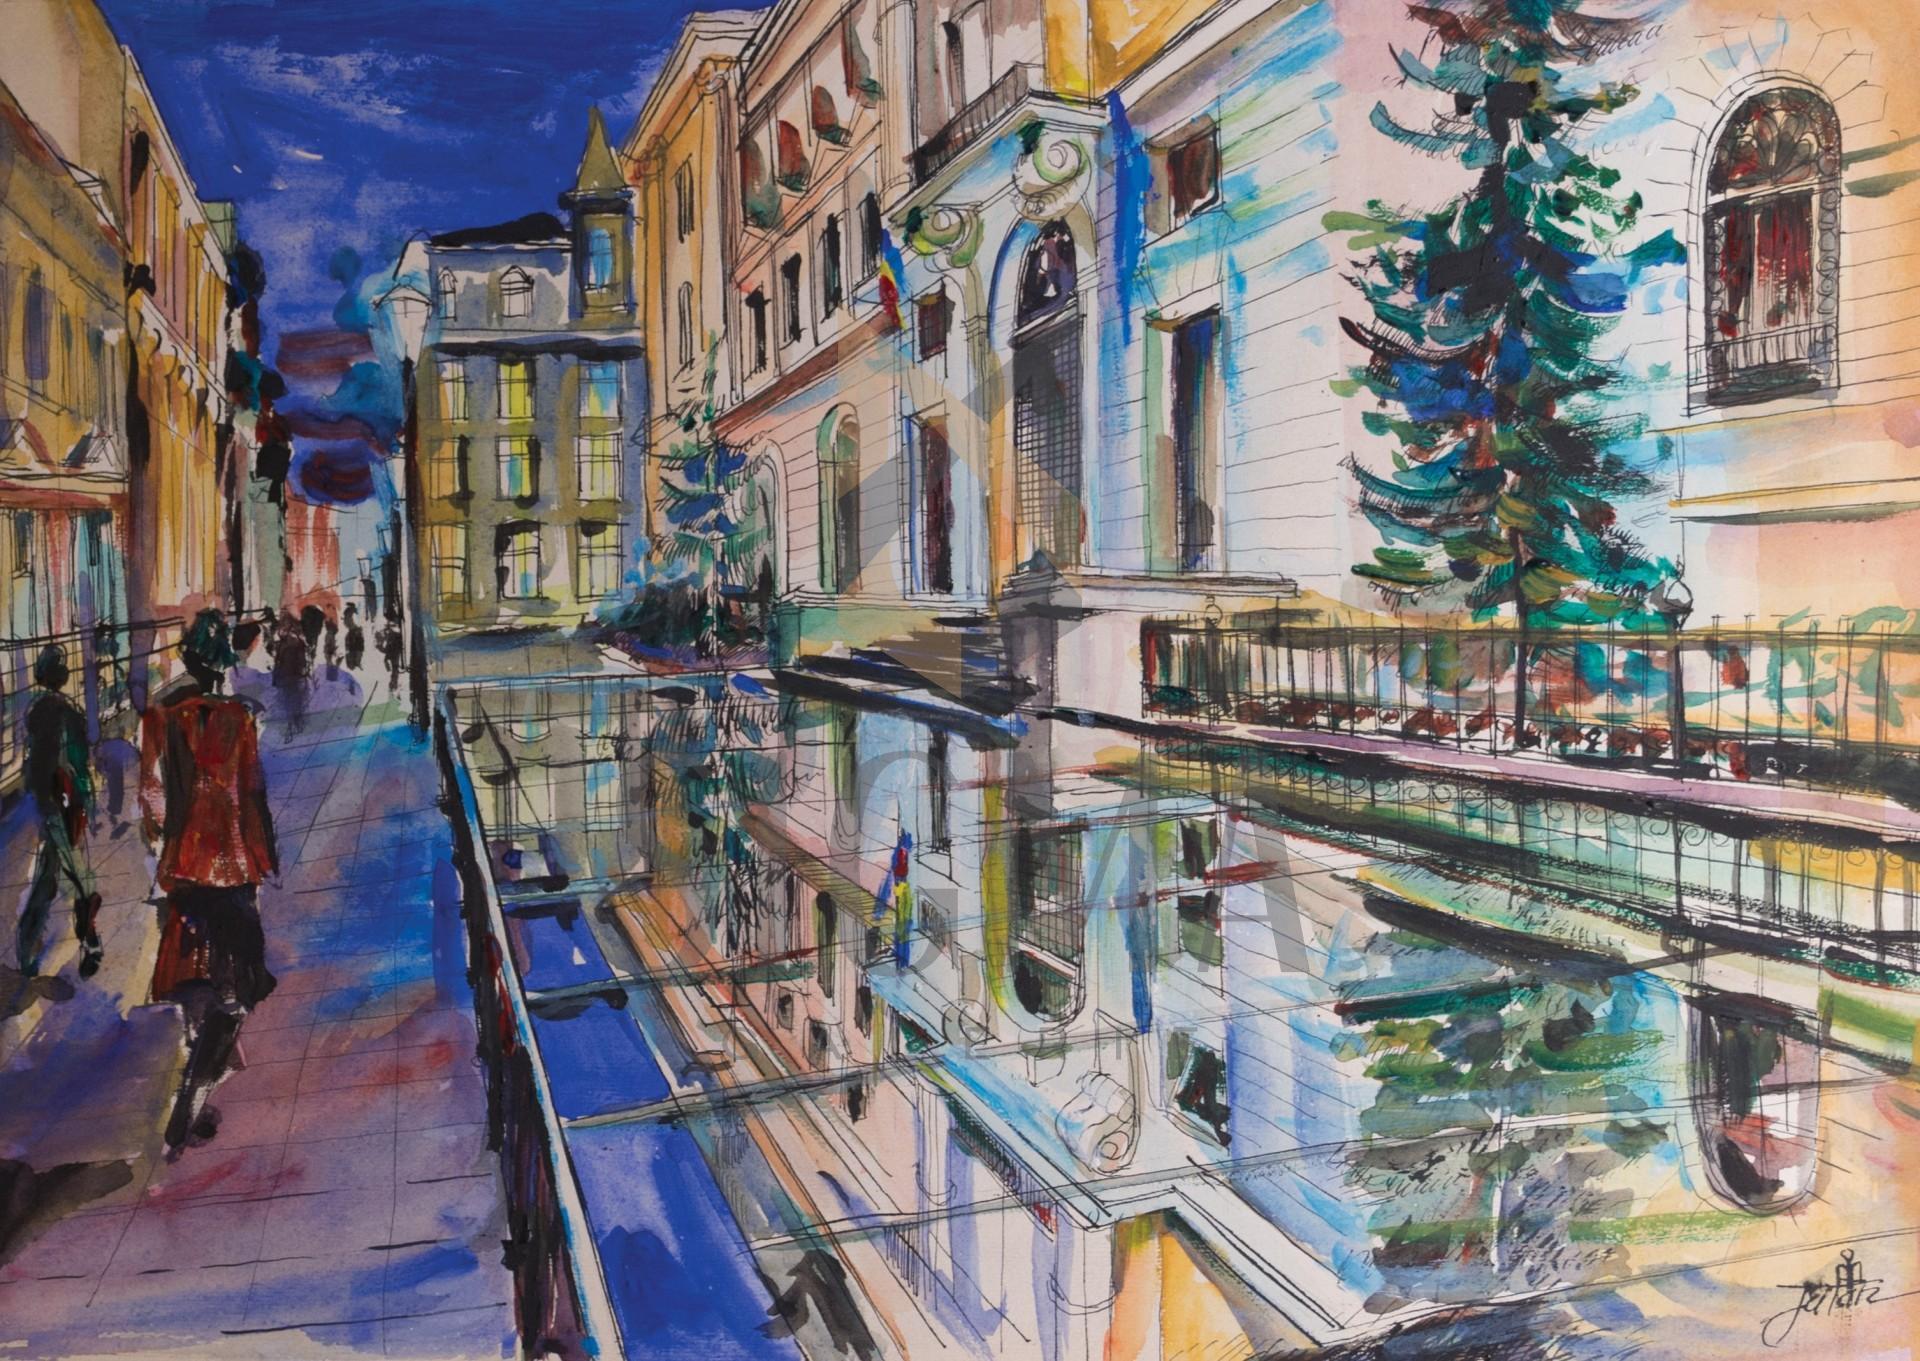 Tablou, Mihaela Iatan, - Lipscani in noapte - acuarela si tus, 30x42 cm